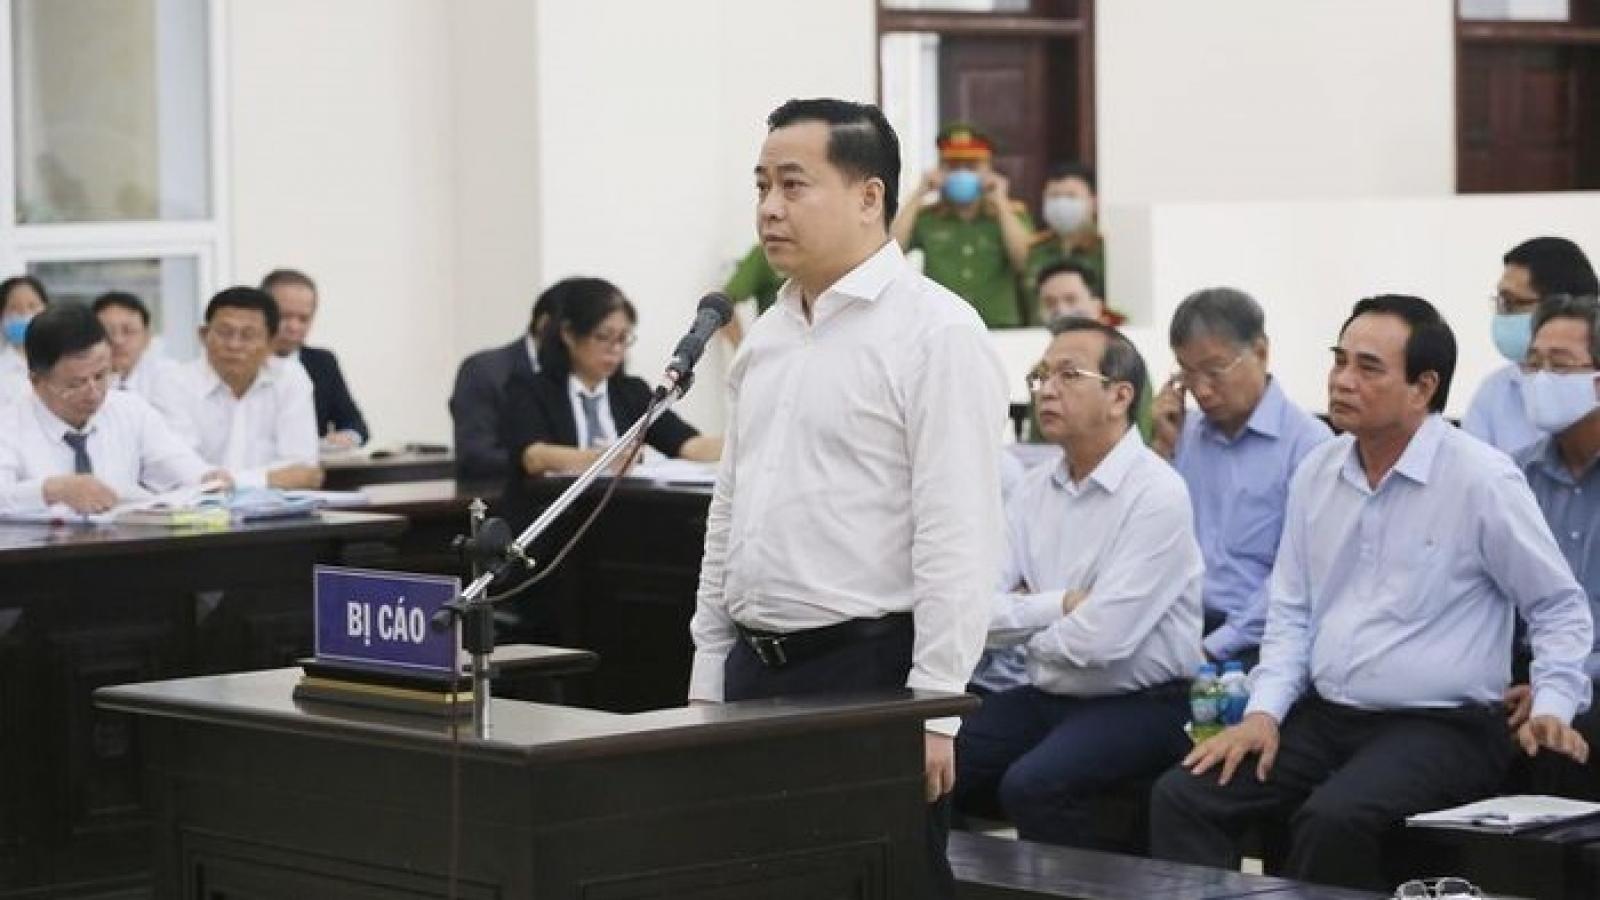 """Ngoài 5 tỷ đồng, Phan Văn Anh Vũ khai nhiều lần biếu """"quà"""""""